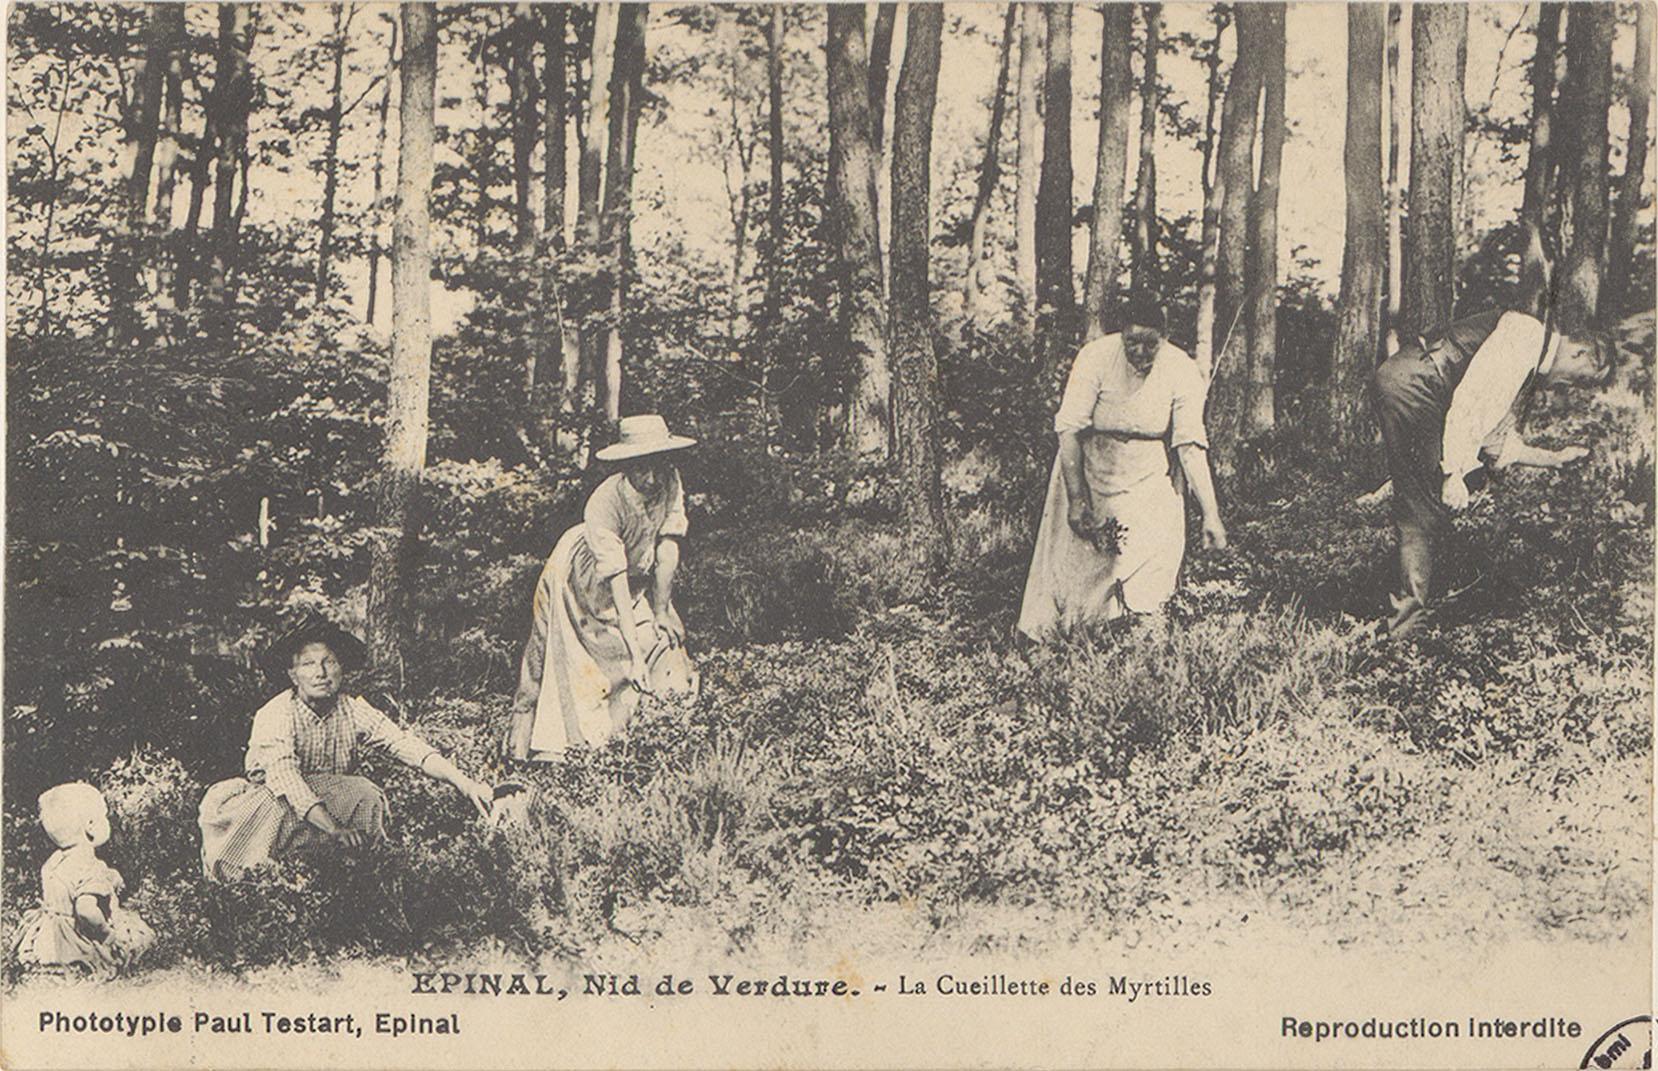 Contenu du Épinal, Nid de verdure, La Cueillette des Myrtilles